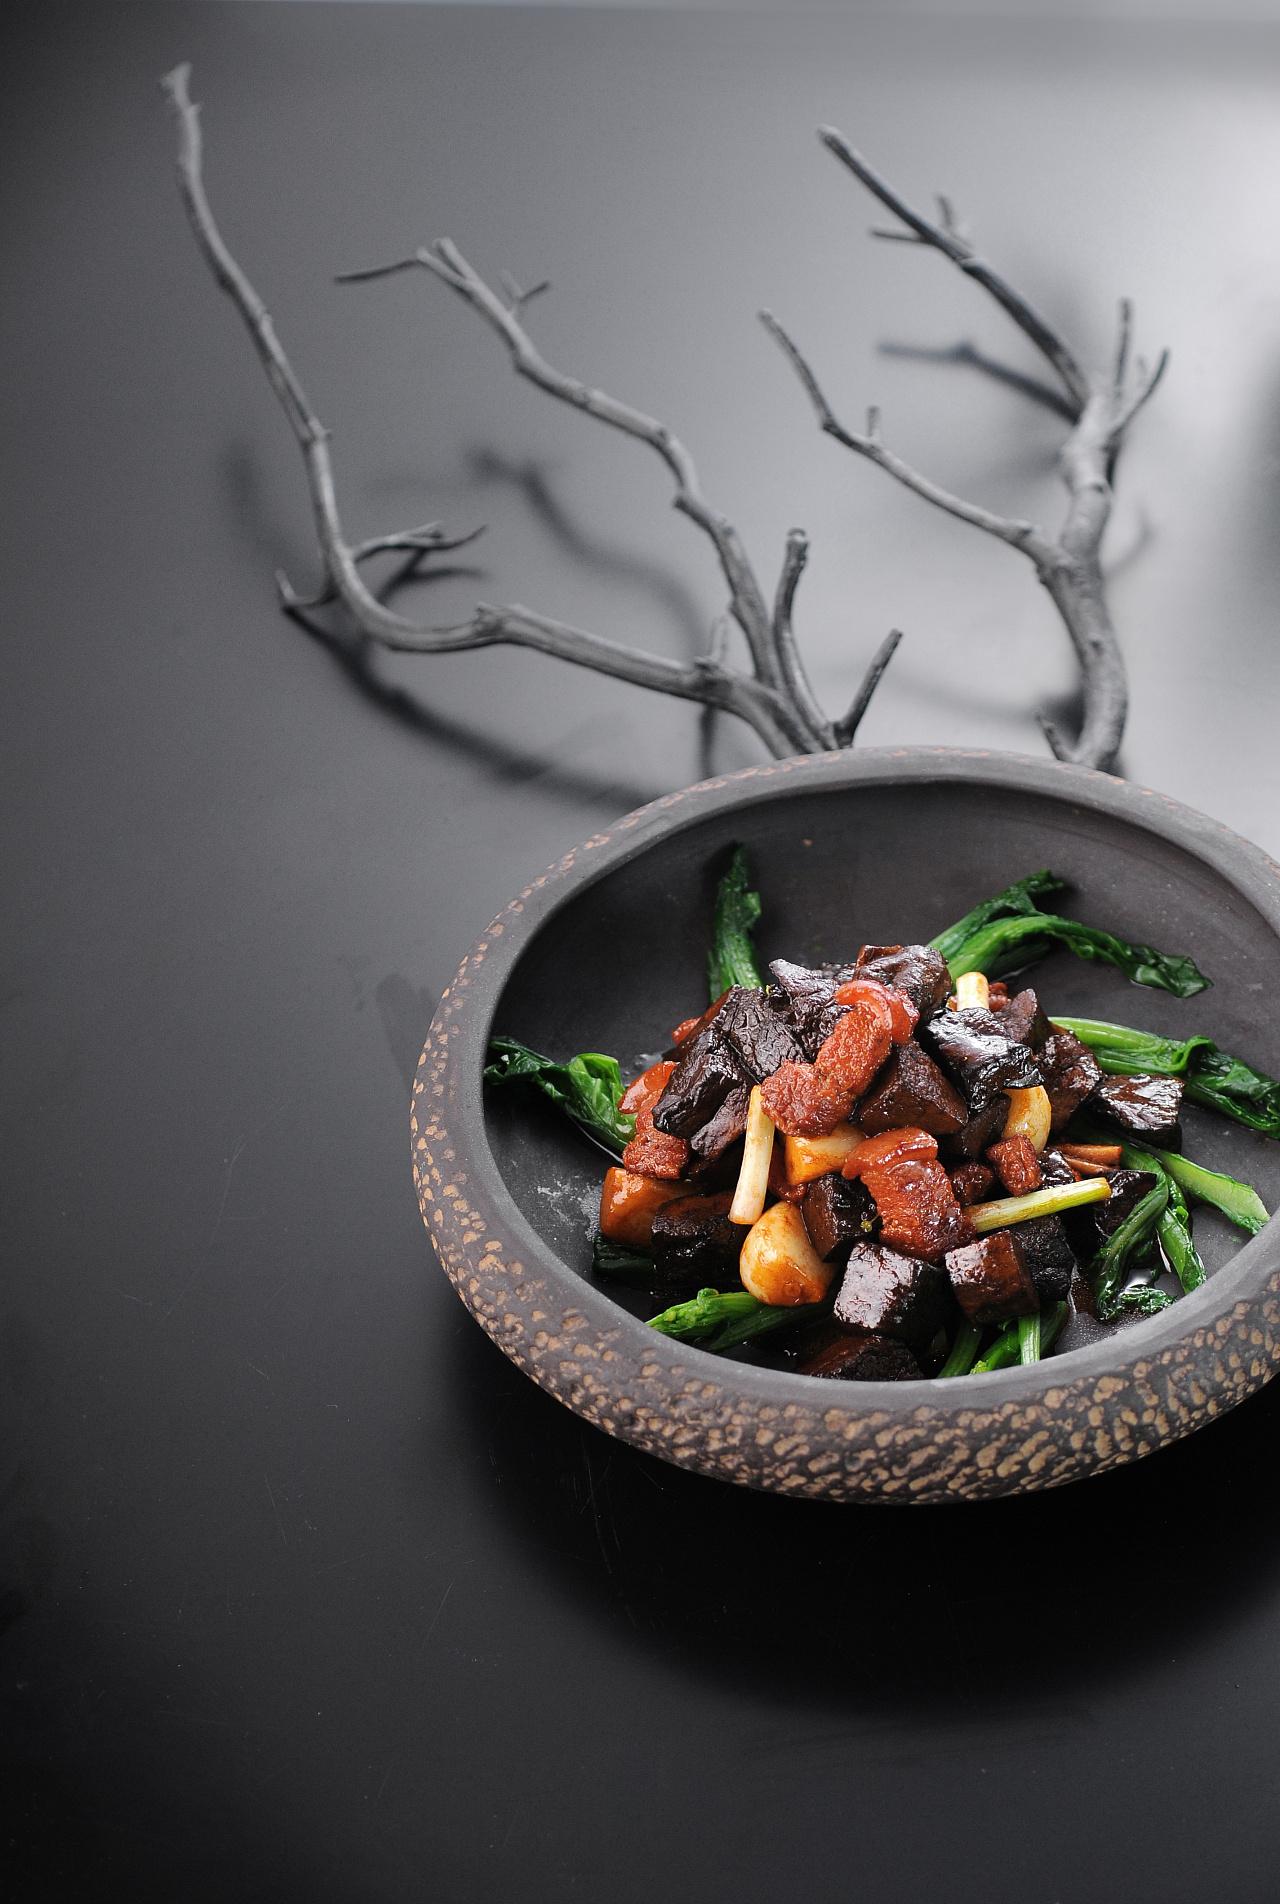 蒙自菜谱制作|蒙自科学设计|首选捷达的瘦身食谱有效菜谱图片